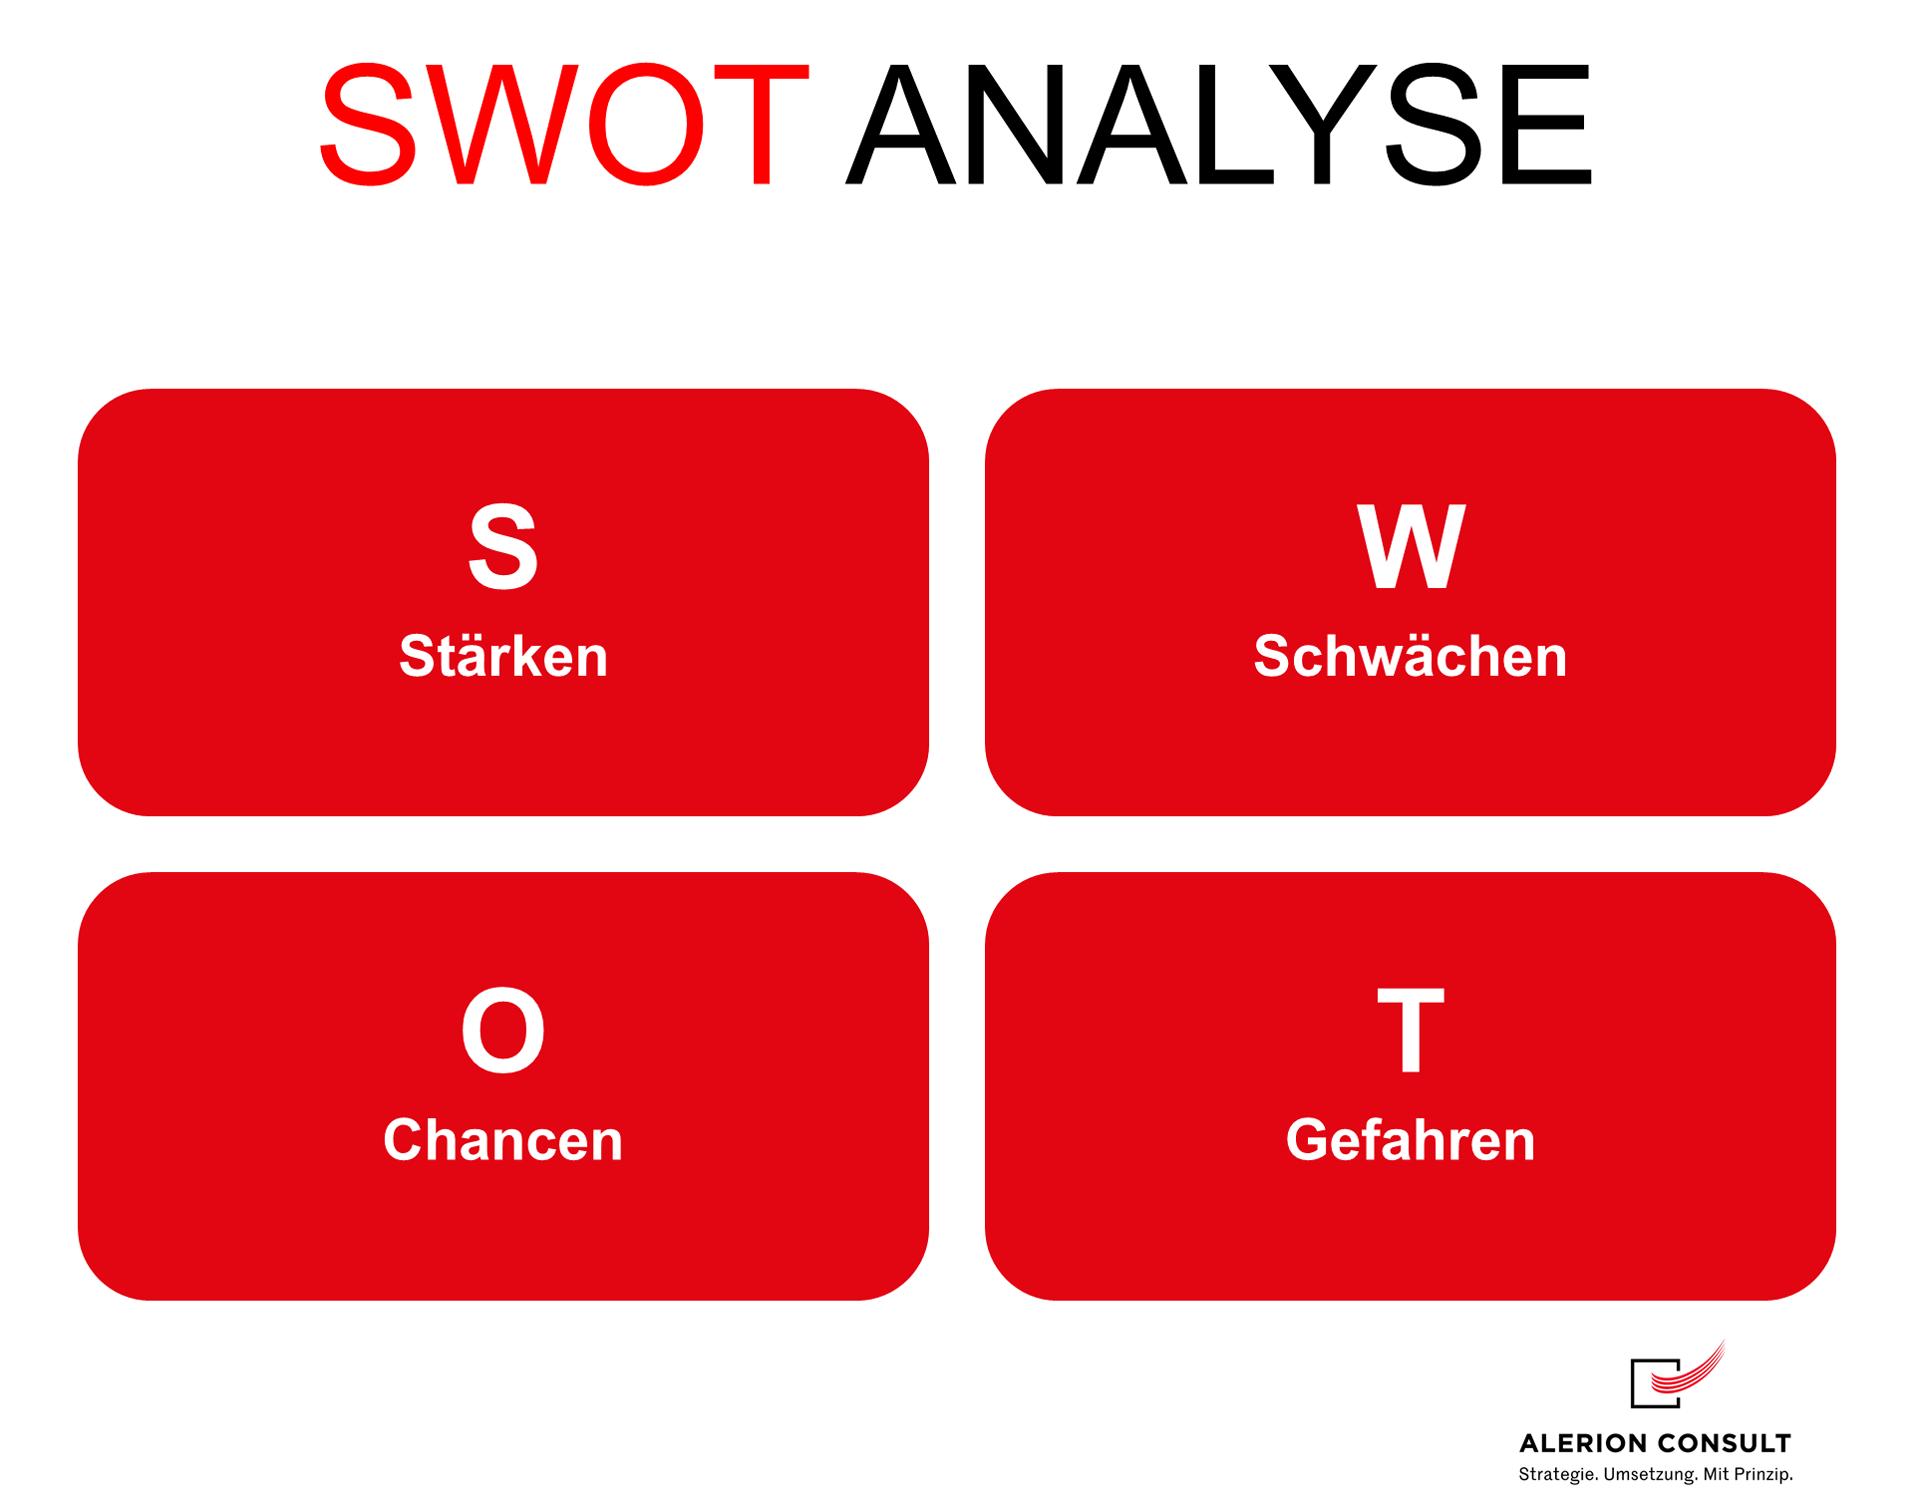 SWOT Analyse - Strategieentwicklung Alerion